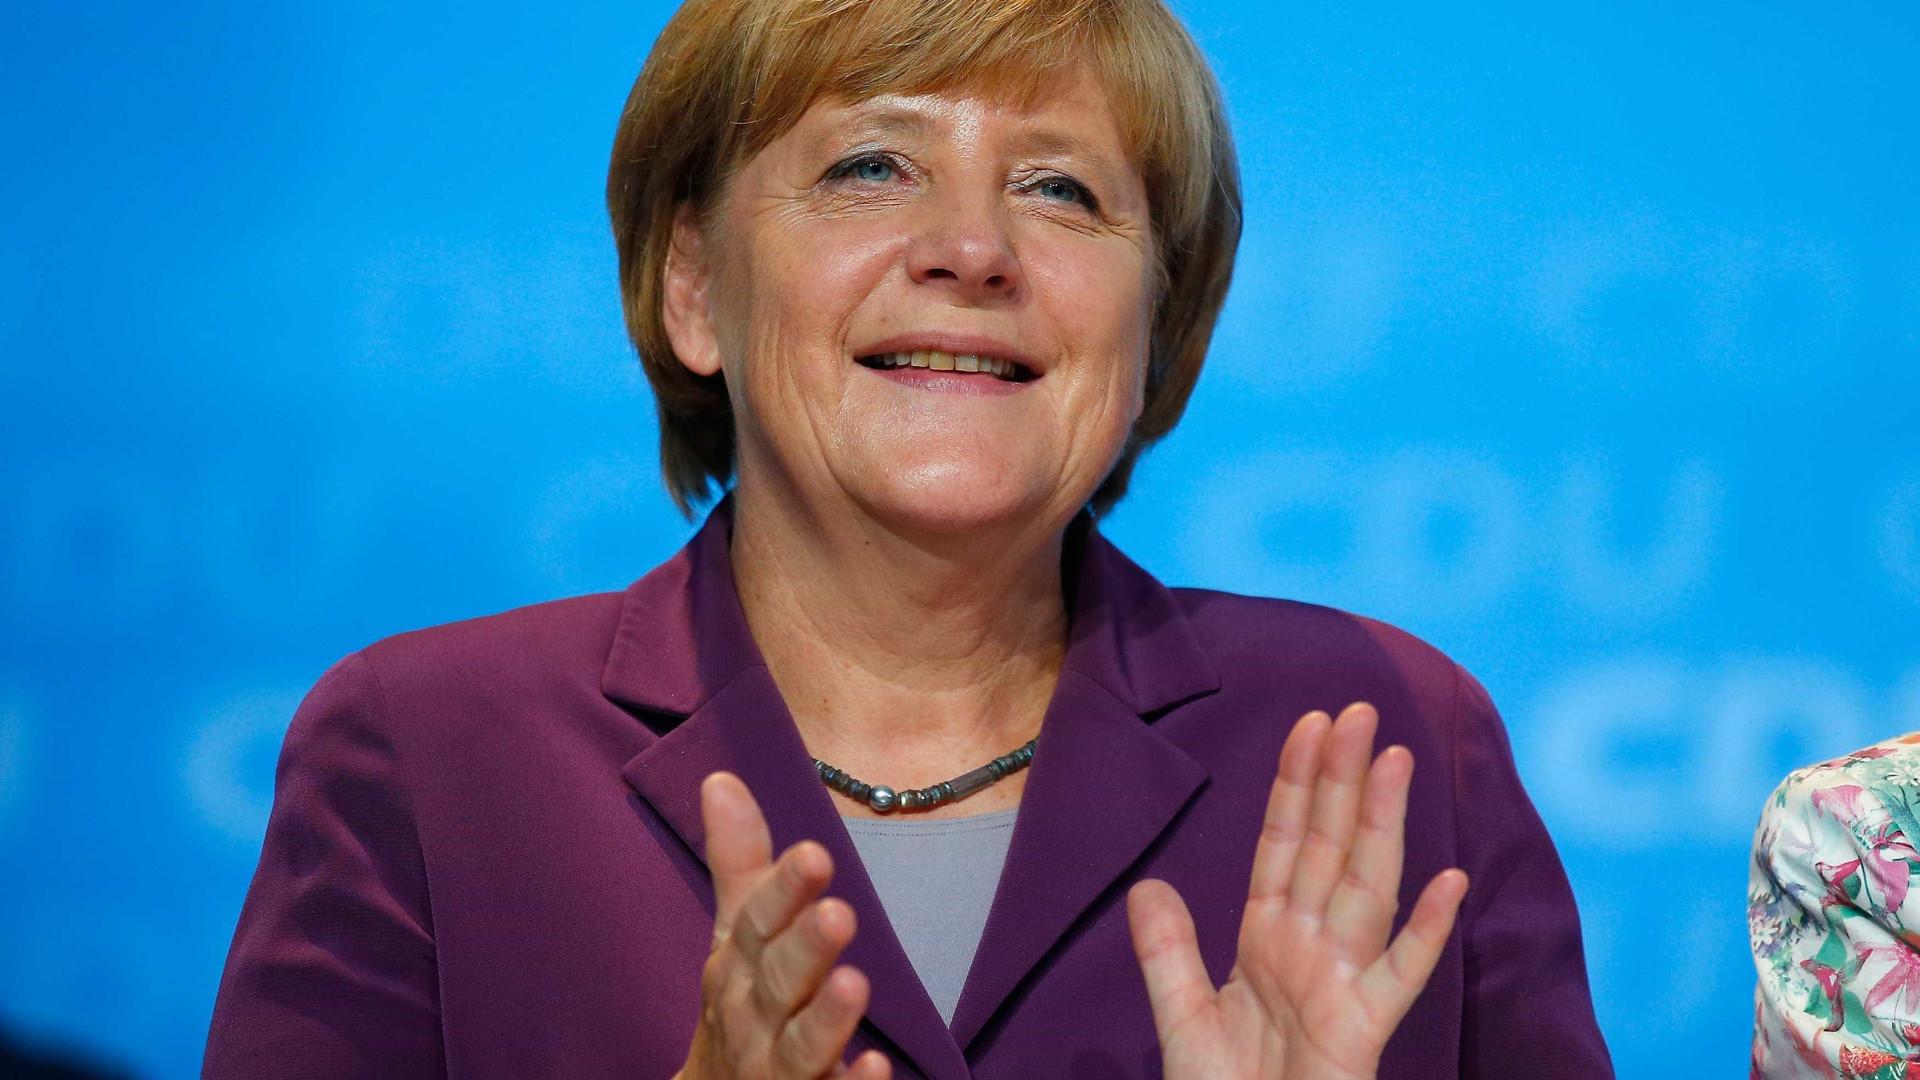 Visita de Merkel mostra interesse em agenda de longo prazo